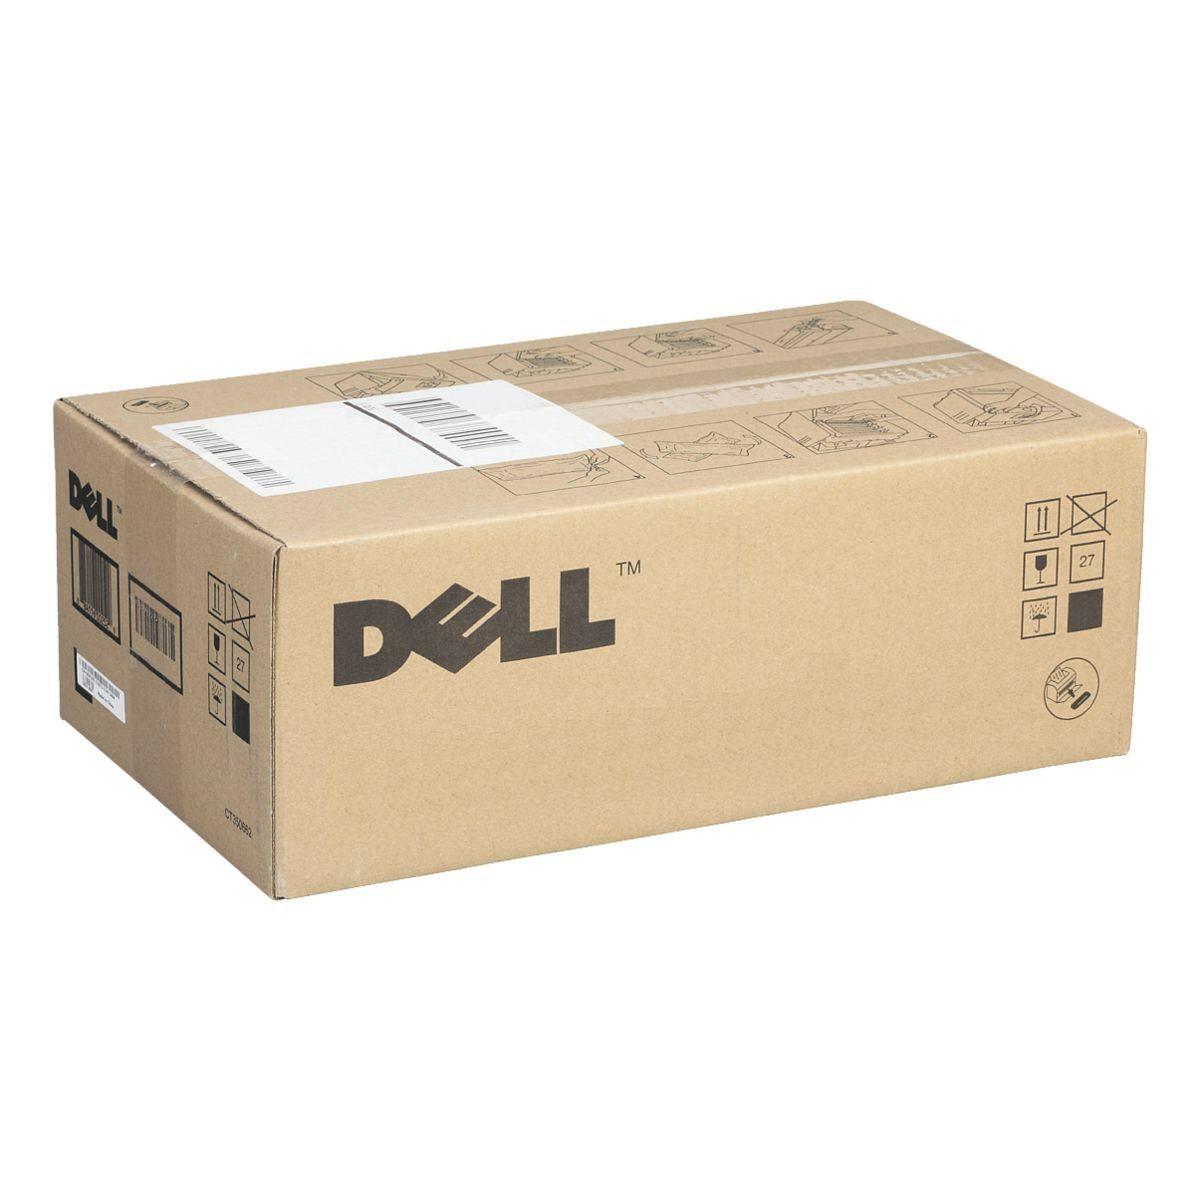 Dell Tonerkartusche »593-10295«